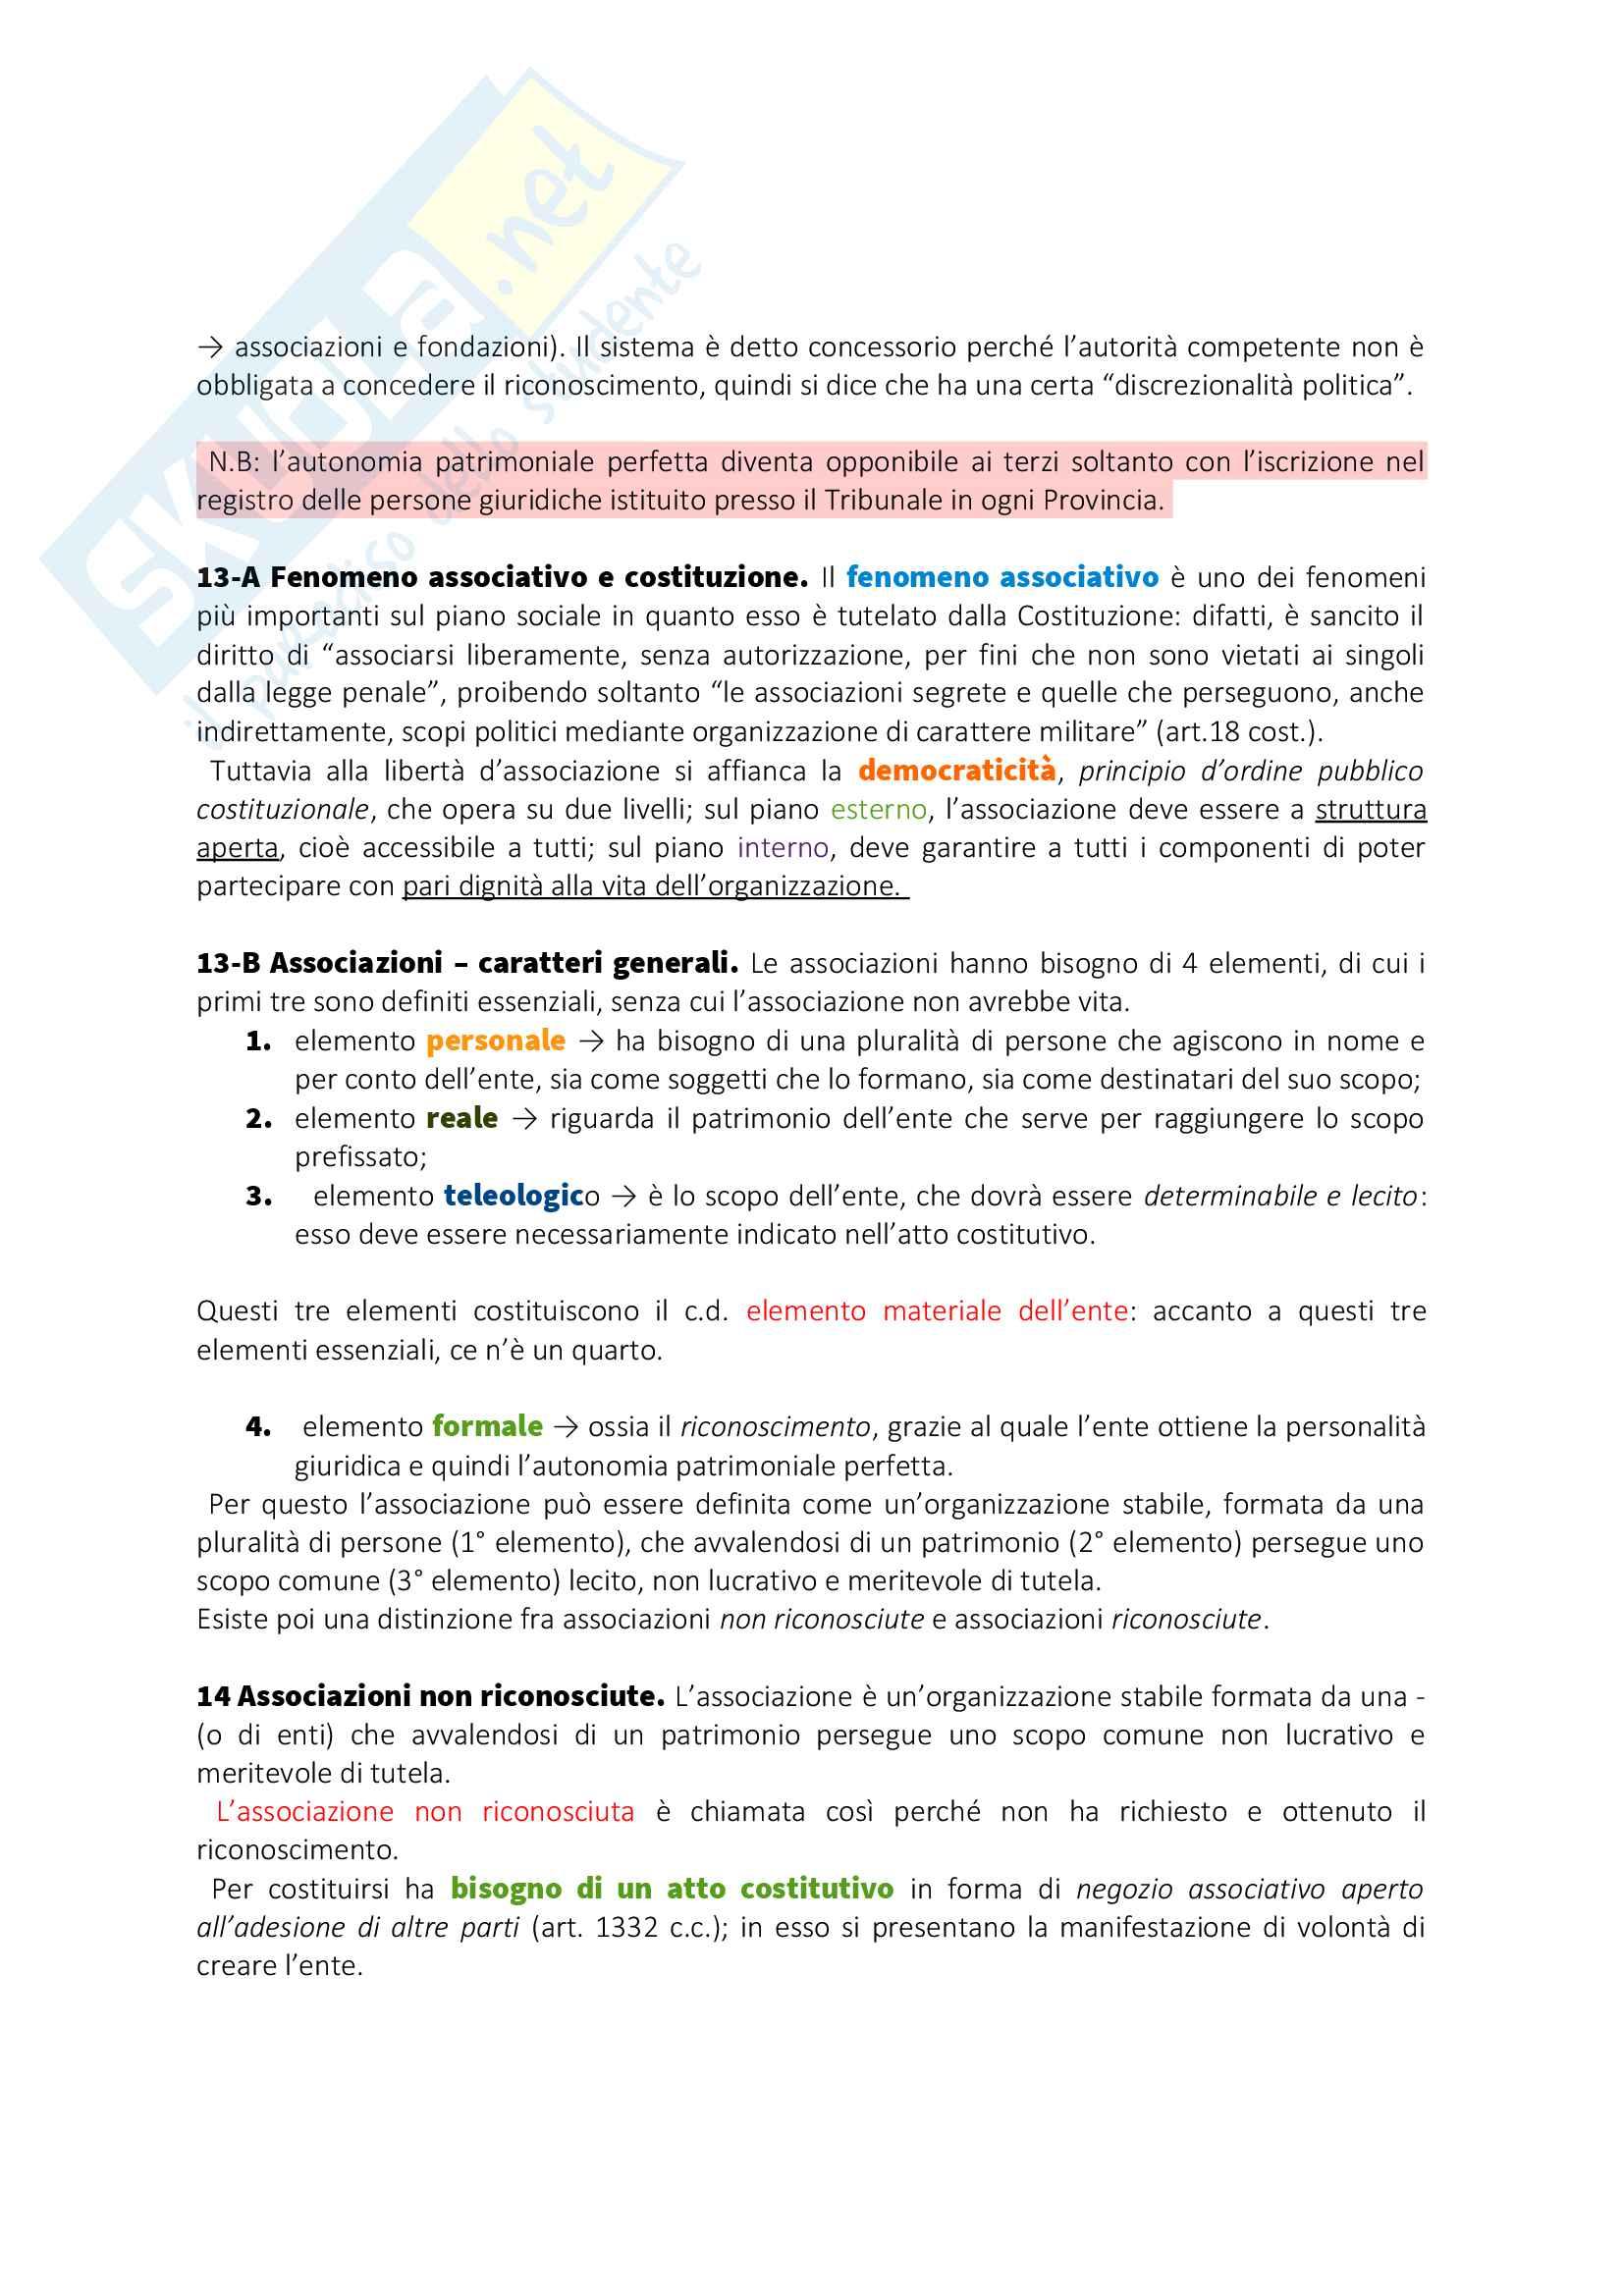 Appunti Diritto privato I Pag. 41